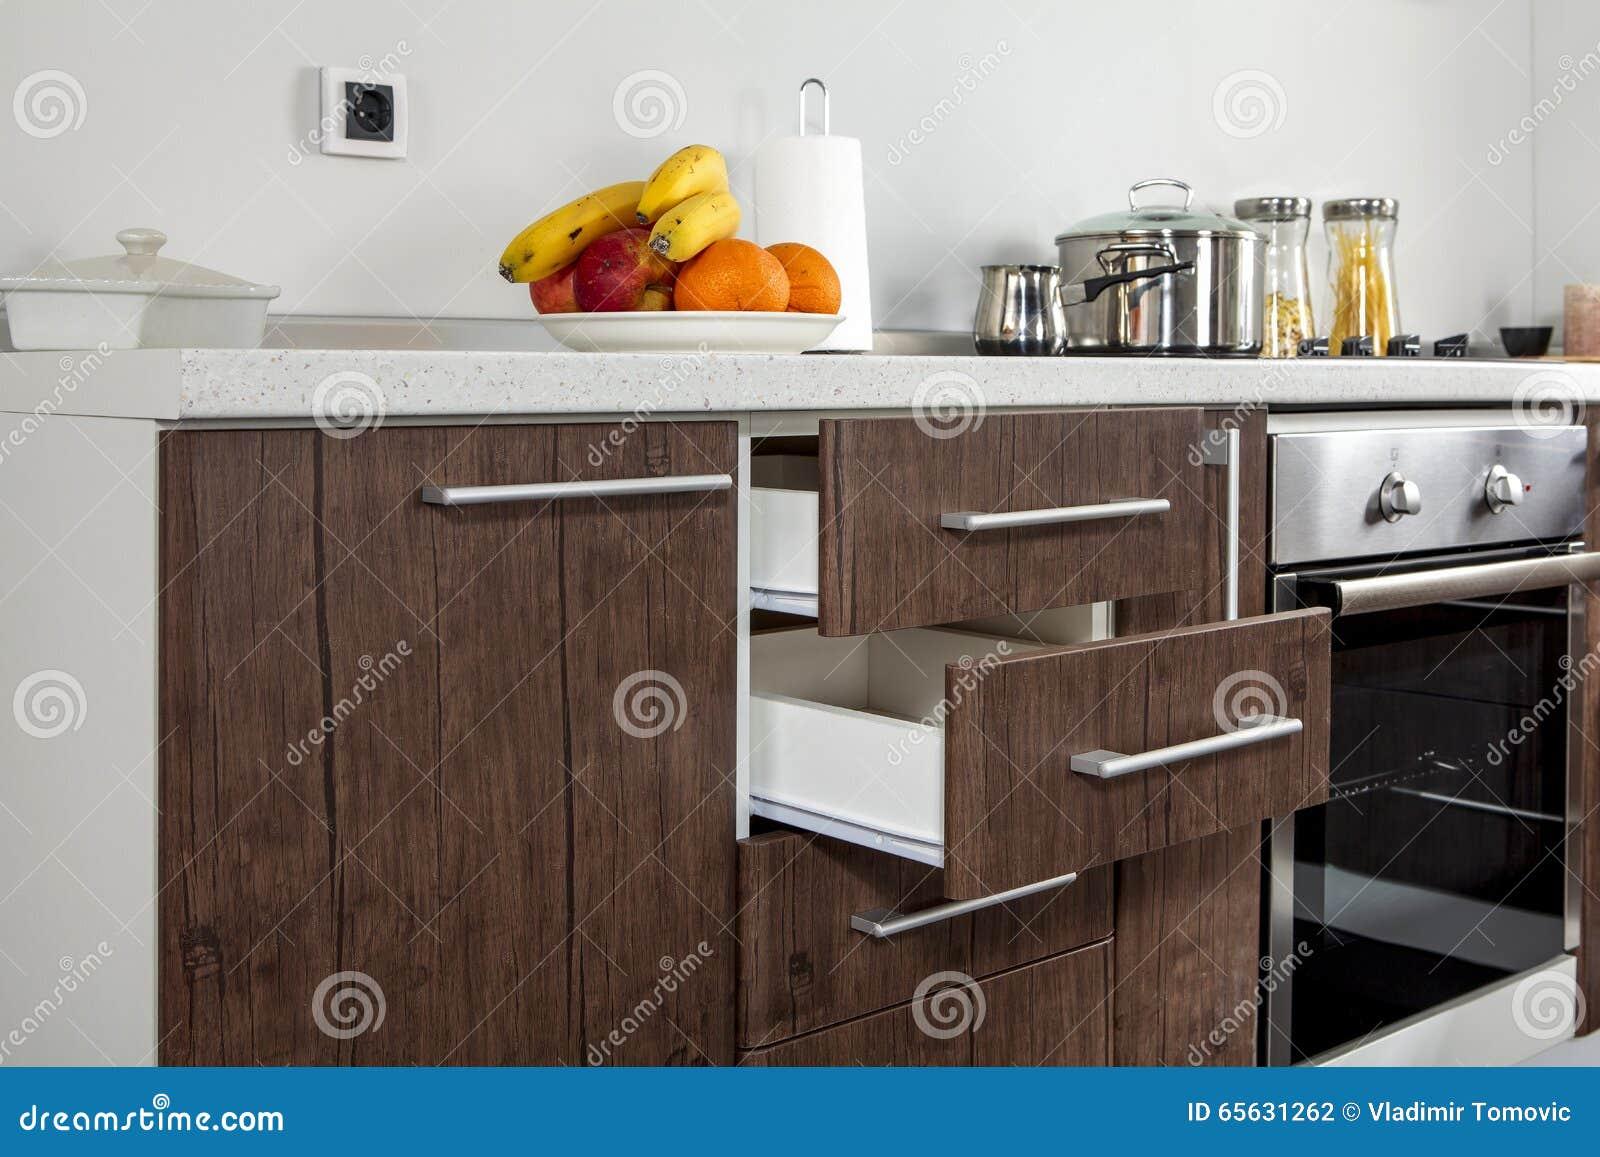 Une partie de cuisine moderne avec le four électrique de fourneau, tiroirs, poignée